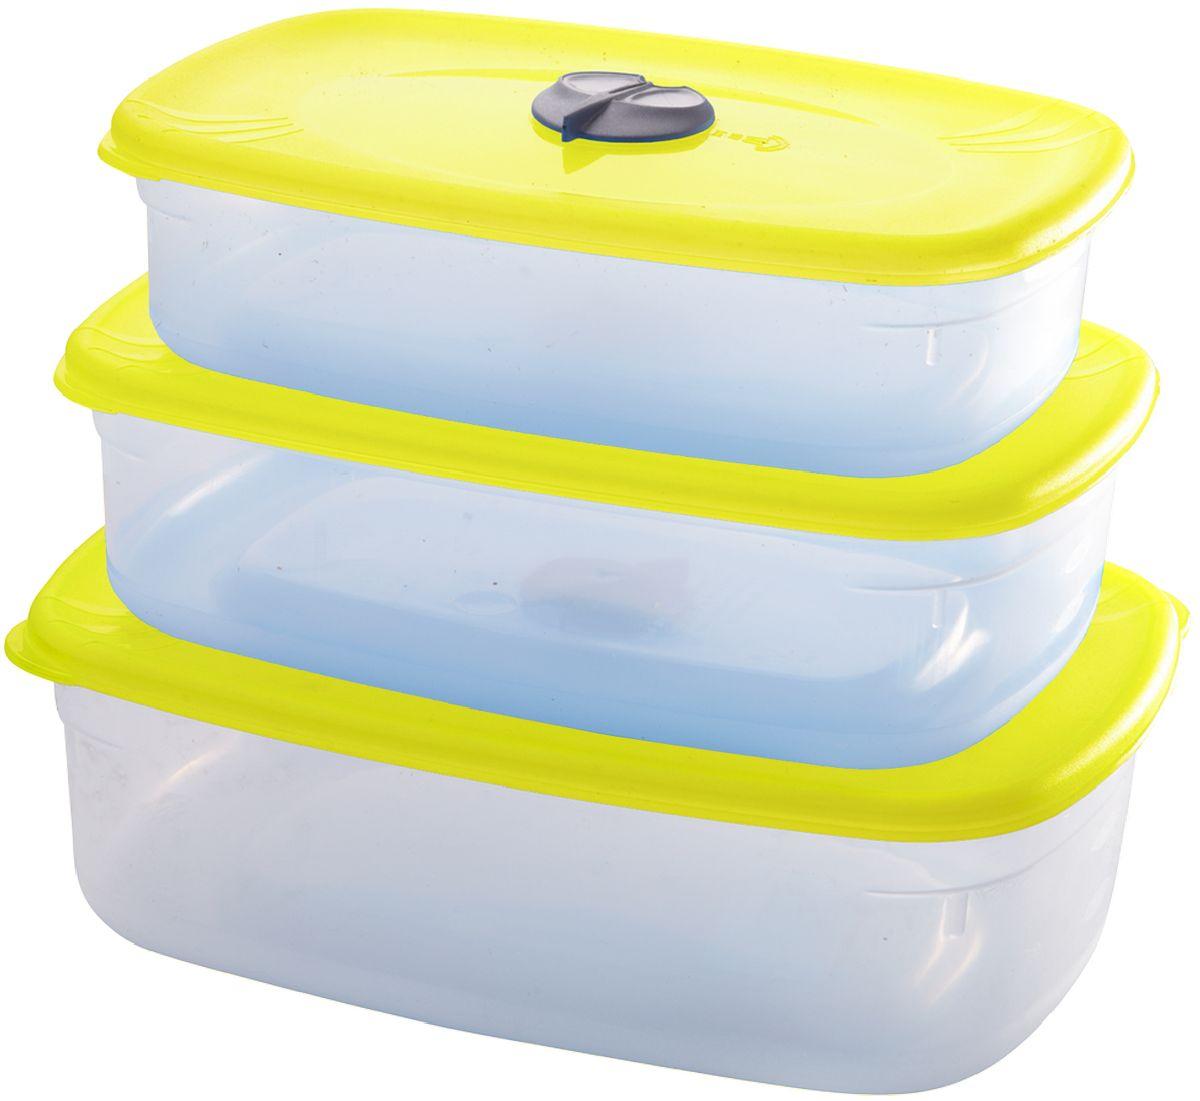 Комплект емкостей для СВЧ Plastic Centre, с паровыпускным клапаном, цвет: желтый, прозрачный, 3 предметаПЦ3504ЛМННабор многофункциональных емкостей для хранения различных продуктов, разогрева пищи, замораживания ягод и овощей в морозильной камере и т.п. При хранении продуктов емкости можно ставить одну на другую, сохраняя полезную площадь холодильника или морозильной камеры. Широкий ассортимент цветов удовлетворит любой вкус и потребности.